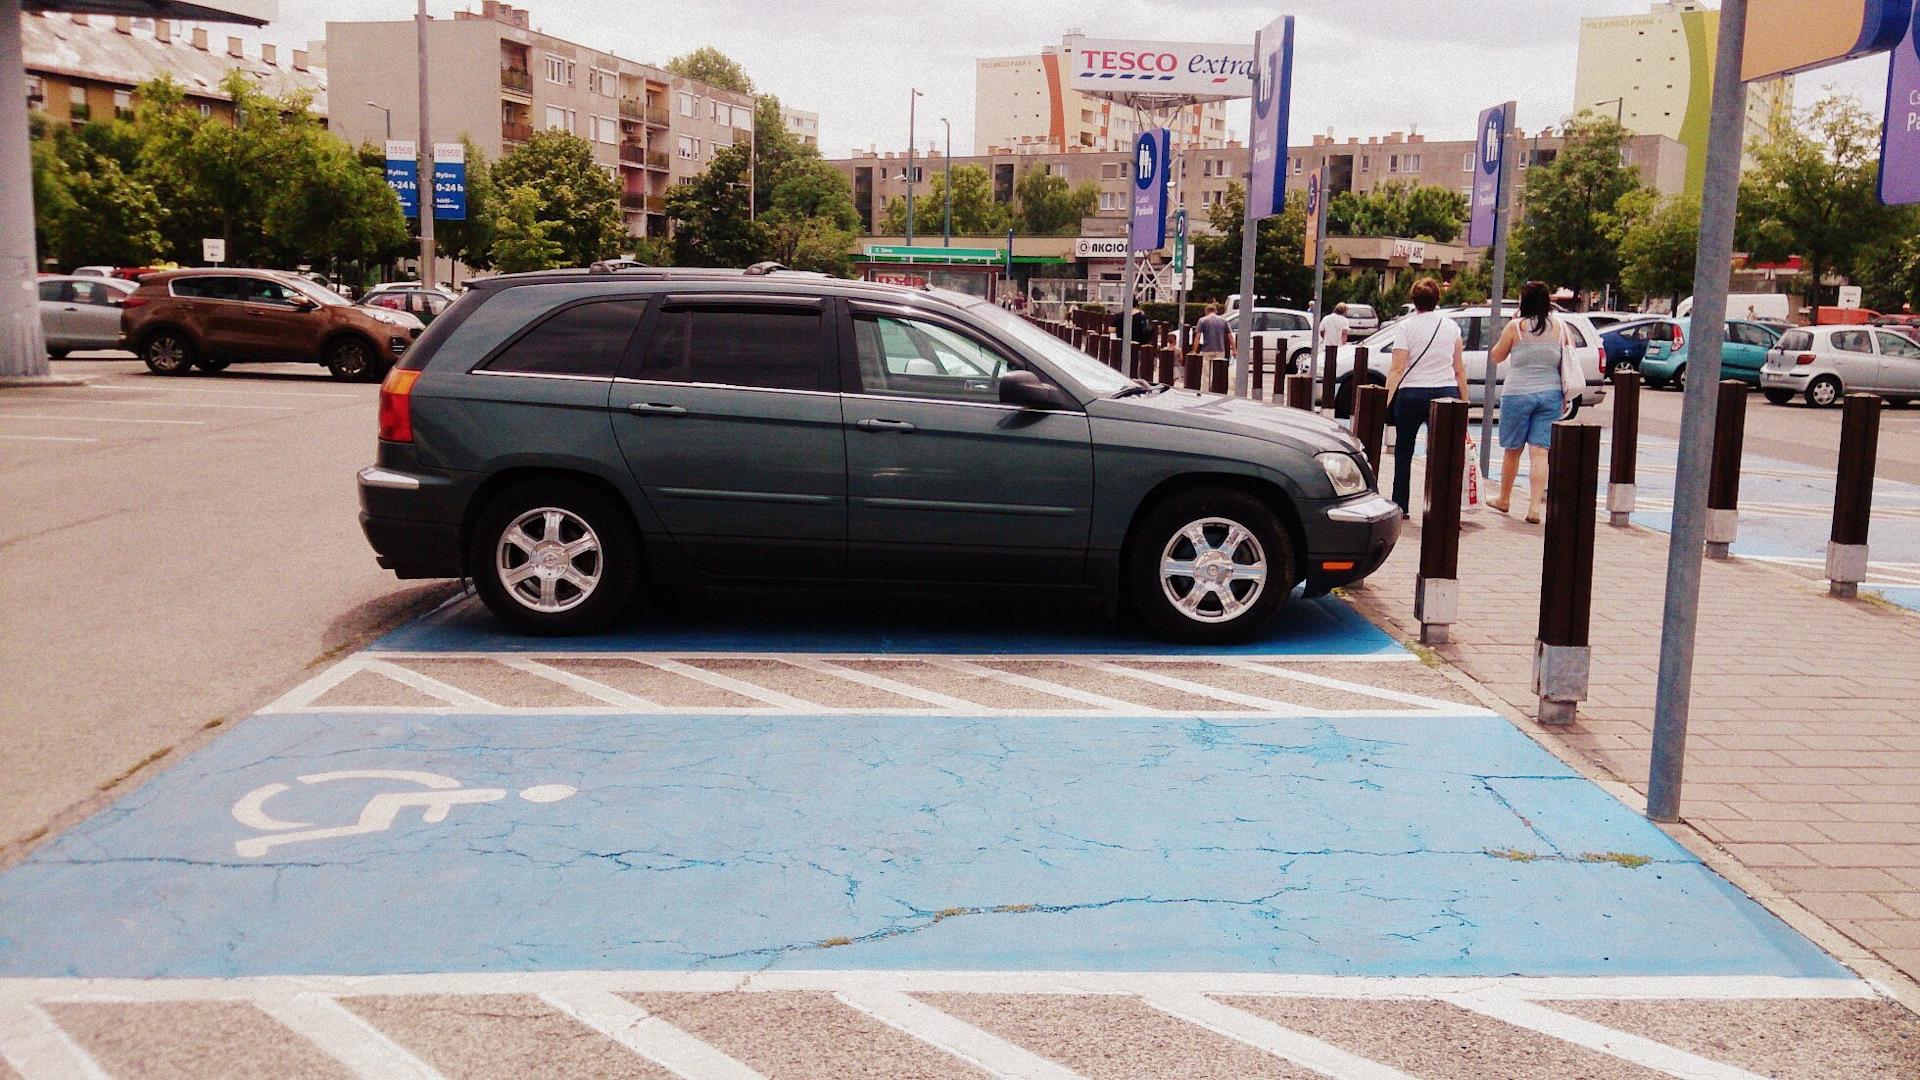 Места для инвалидов на парковке беременным